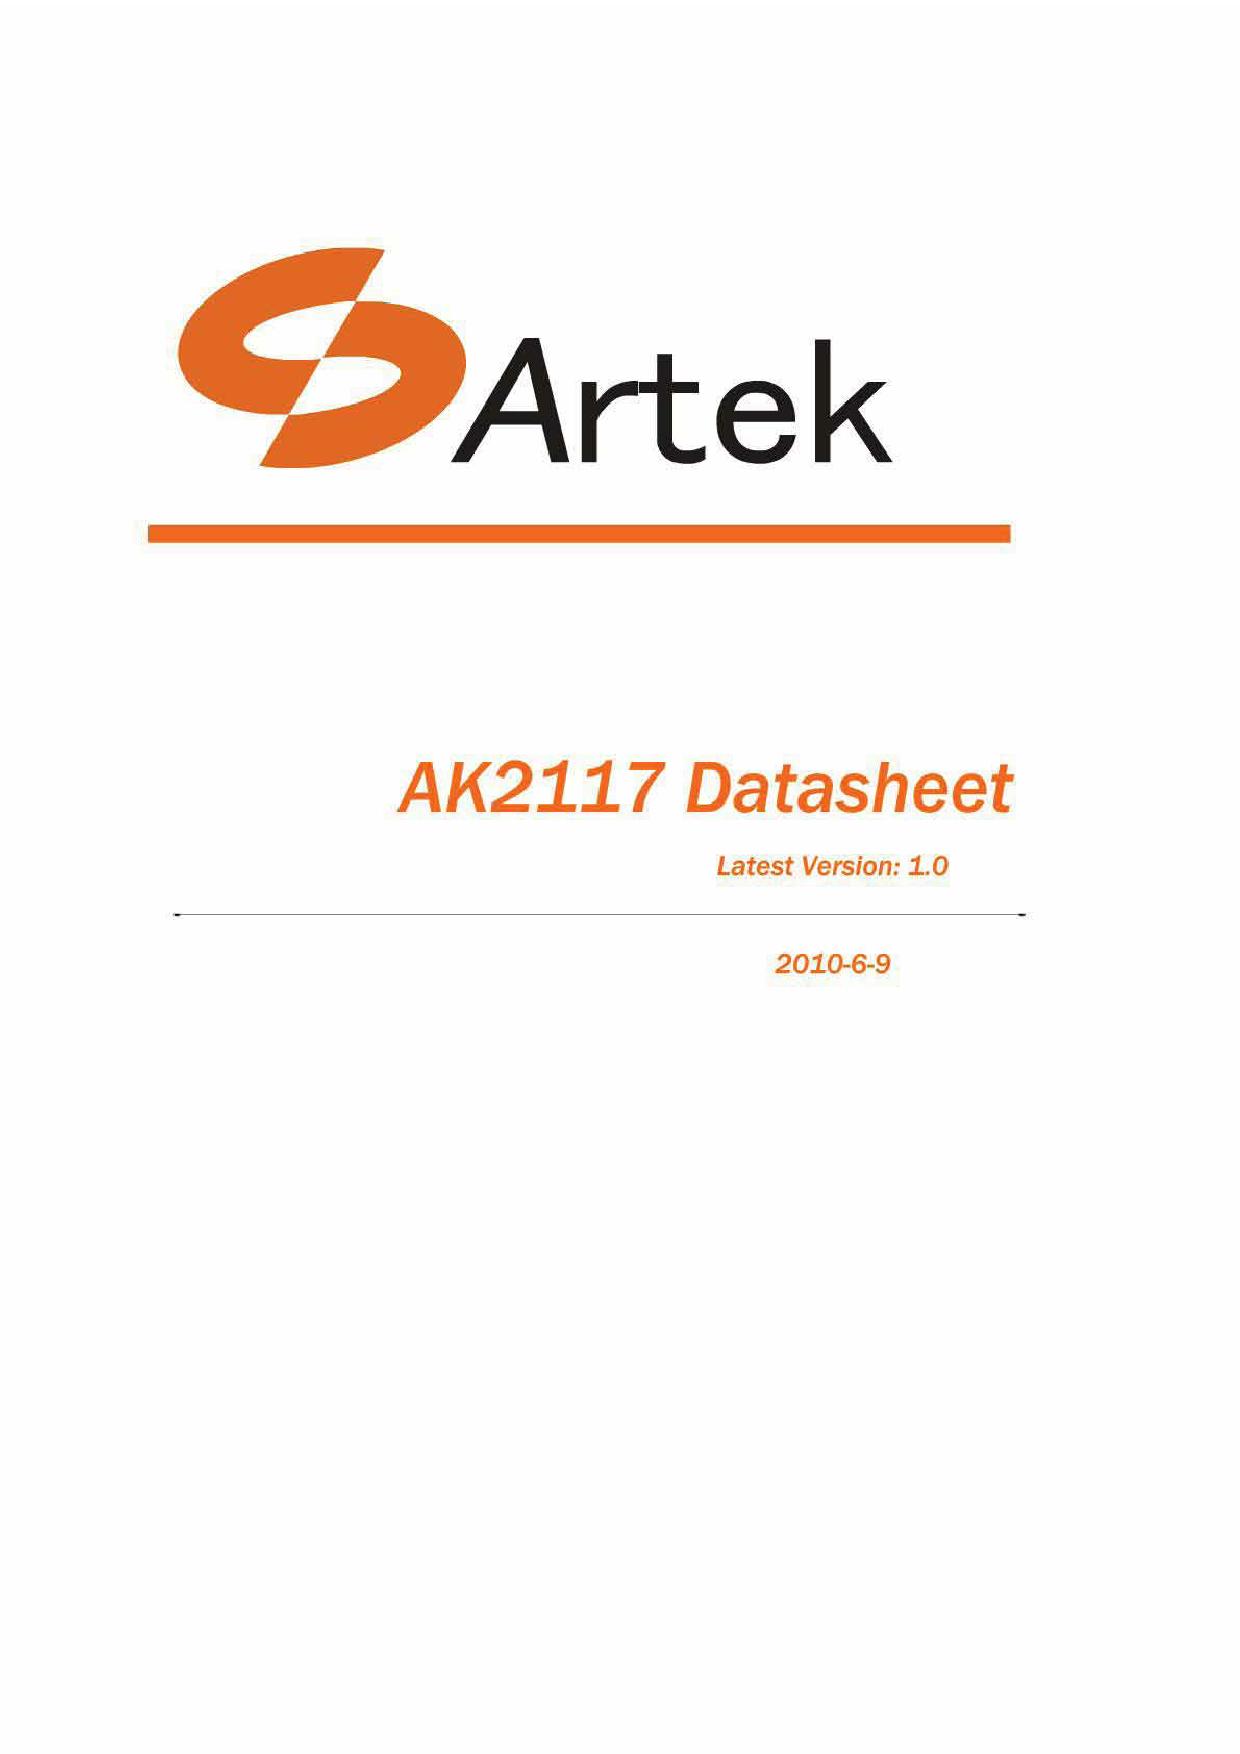 AK2117 image